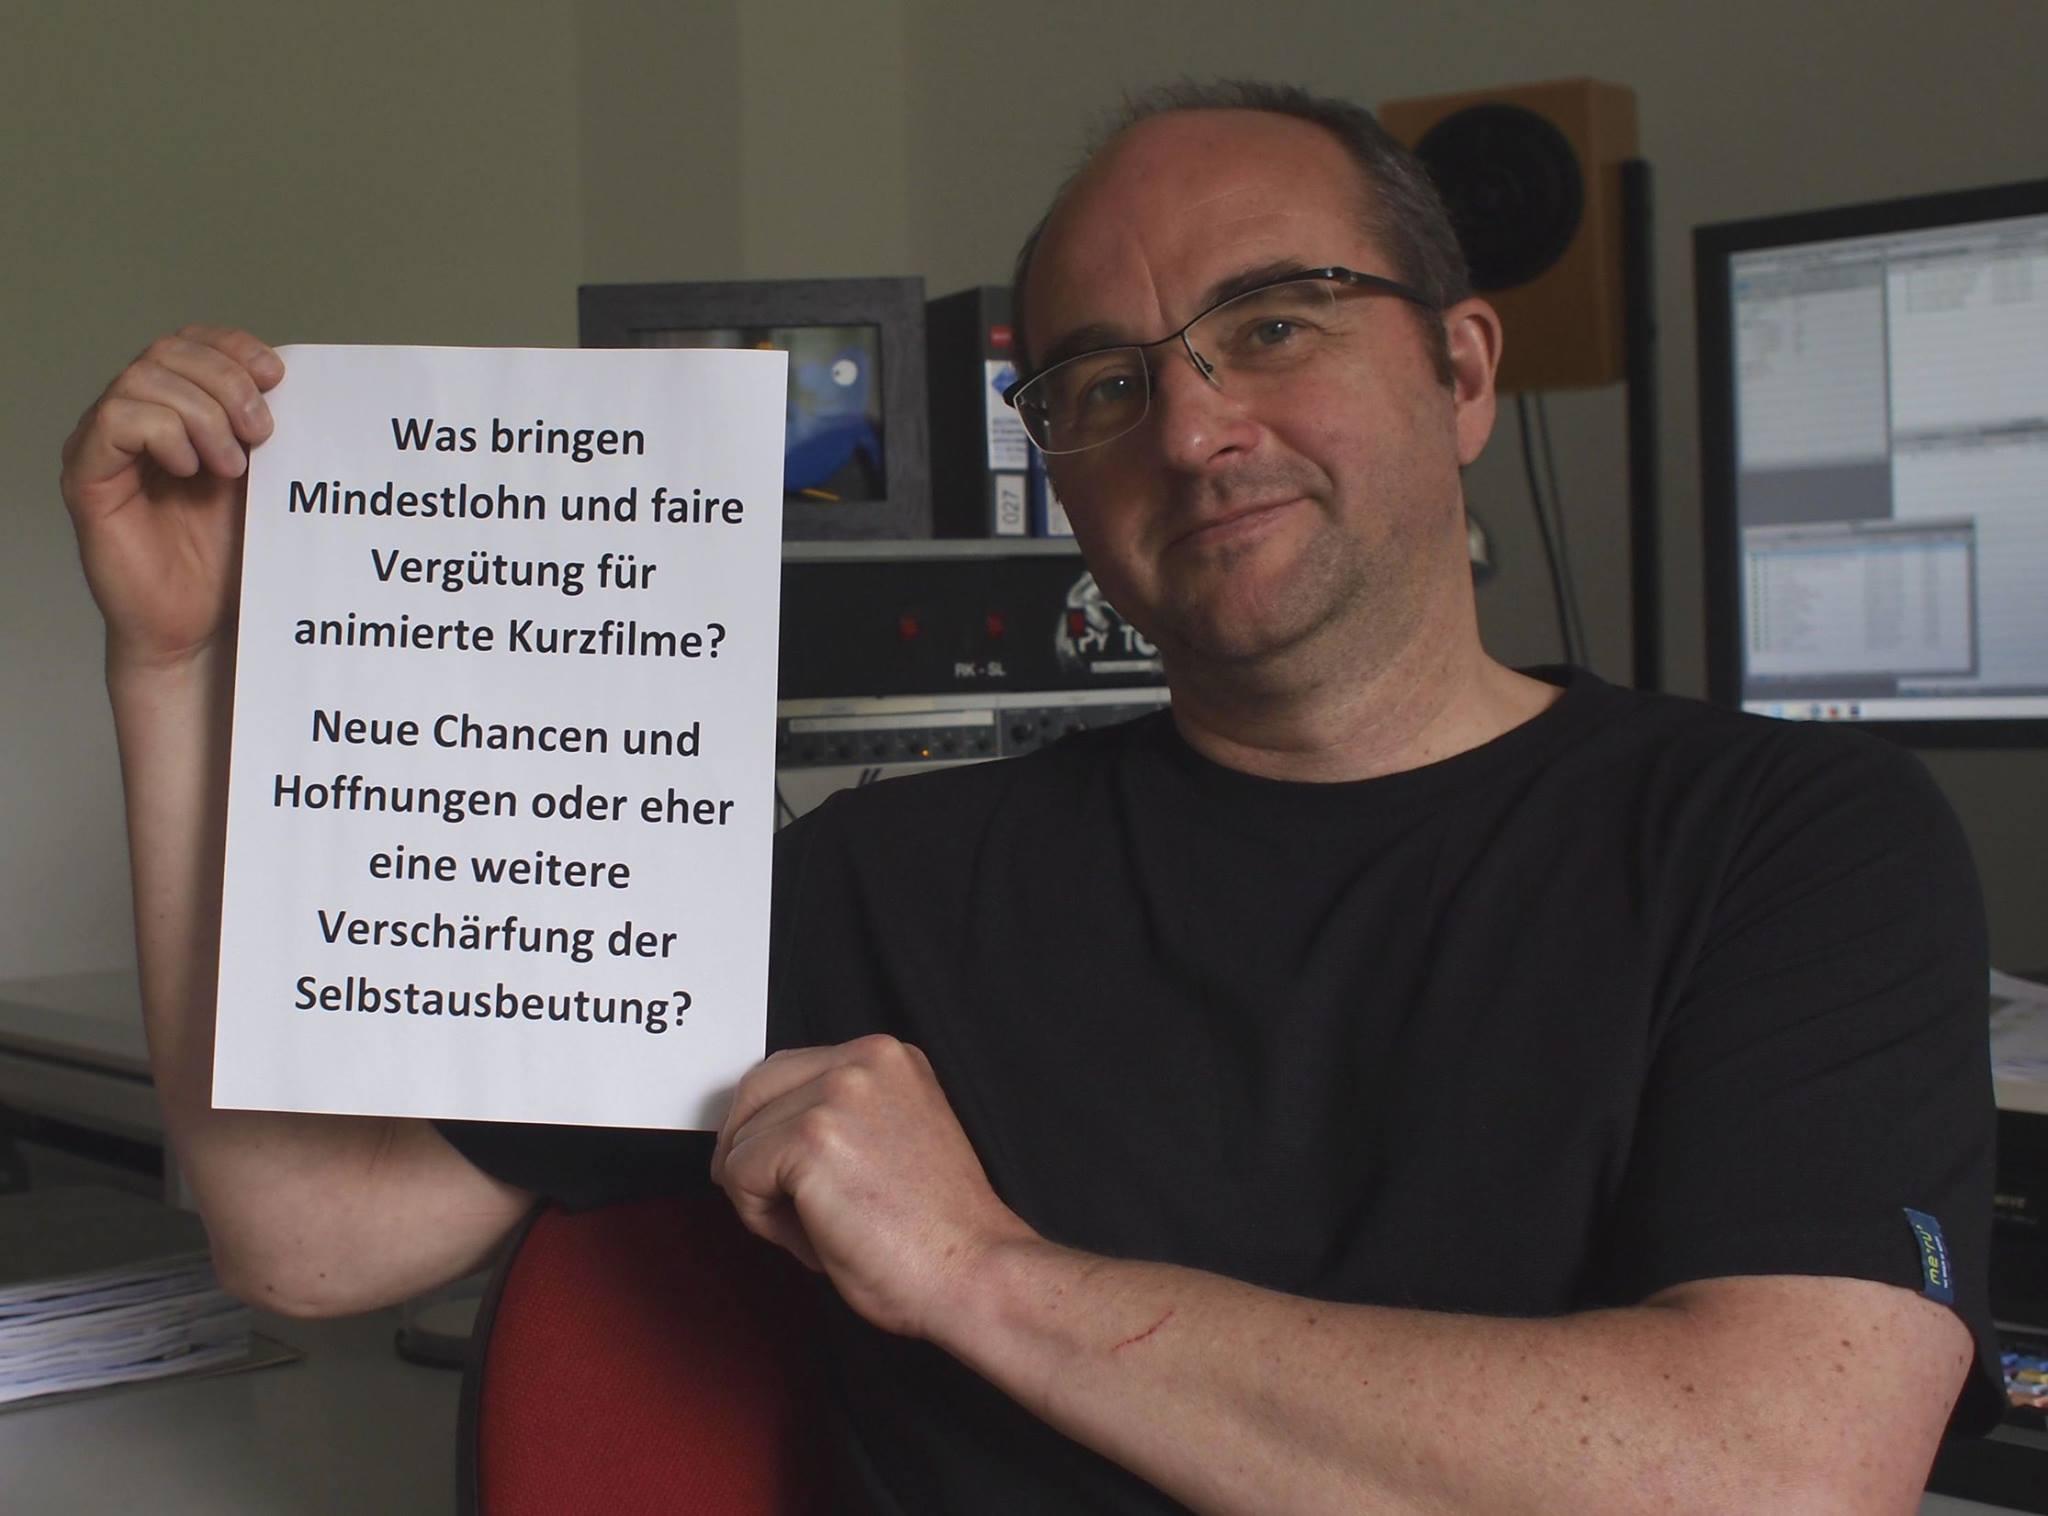 PODIUM ZUR KURZFILMFINANZIERUNG BEI DER HAMBURG ANIMATION AWARD CONFERENCE